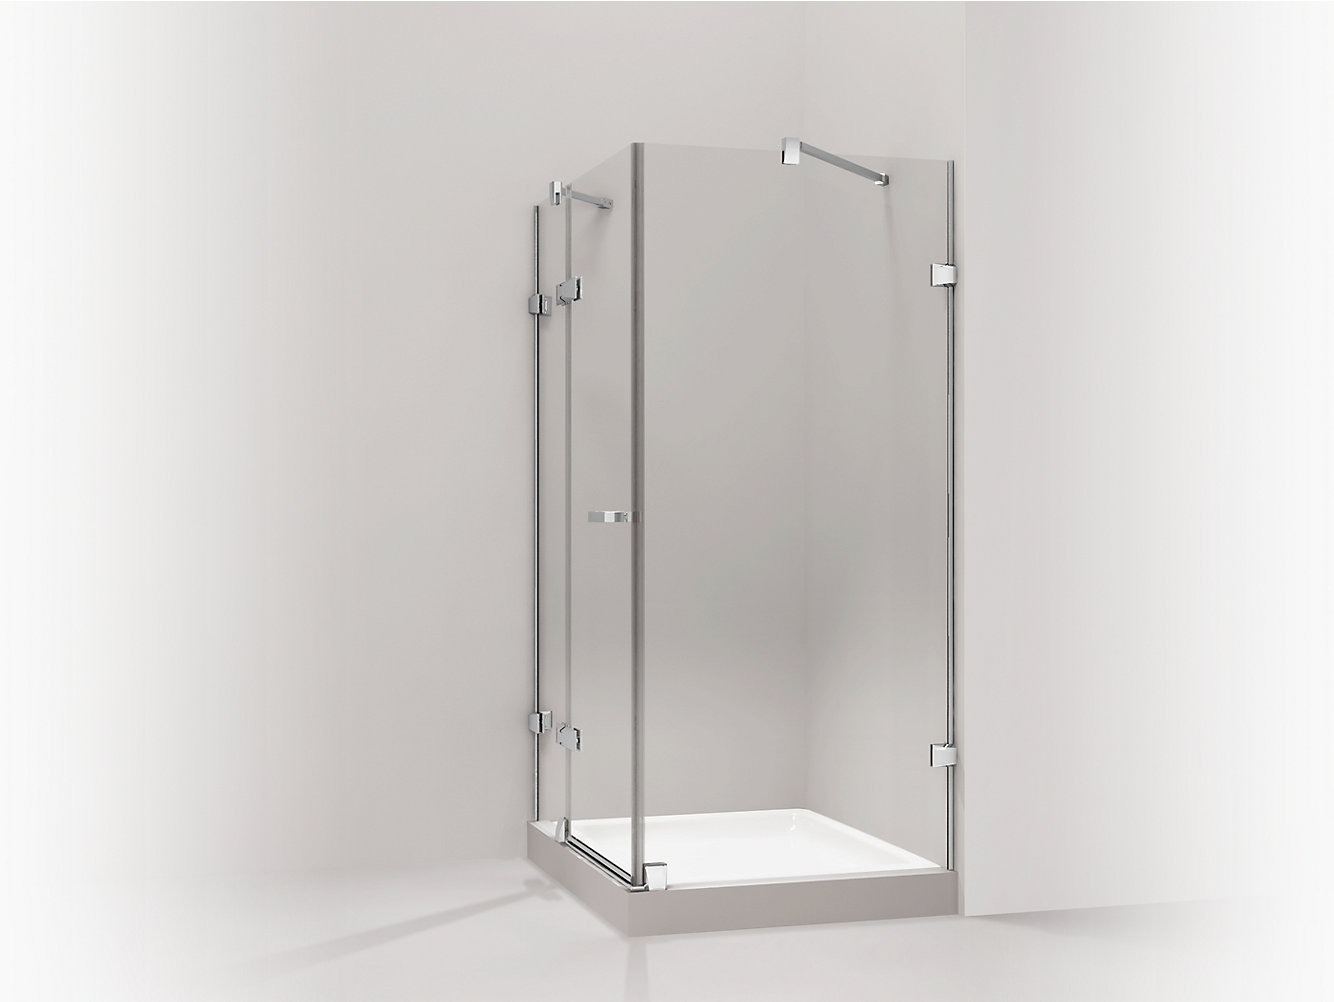 Purist Upgrade L-Shaped Shower Enclosure | 99169T-C | KOHLER